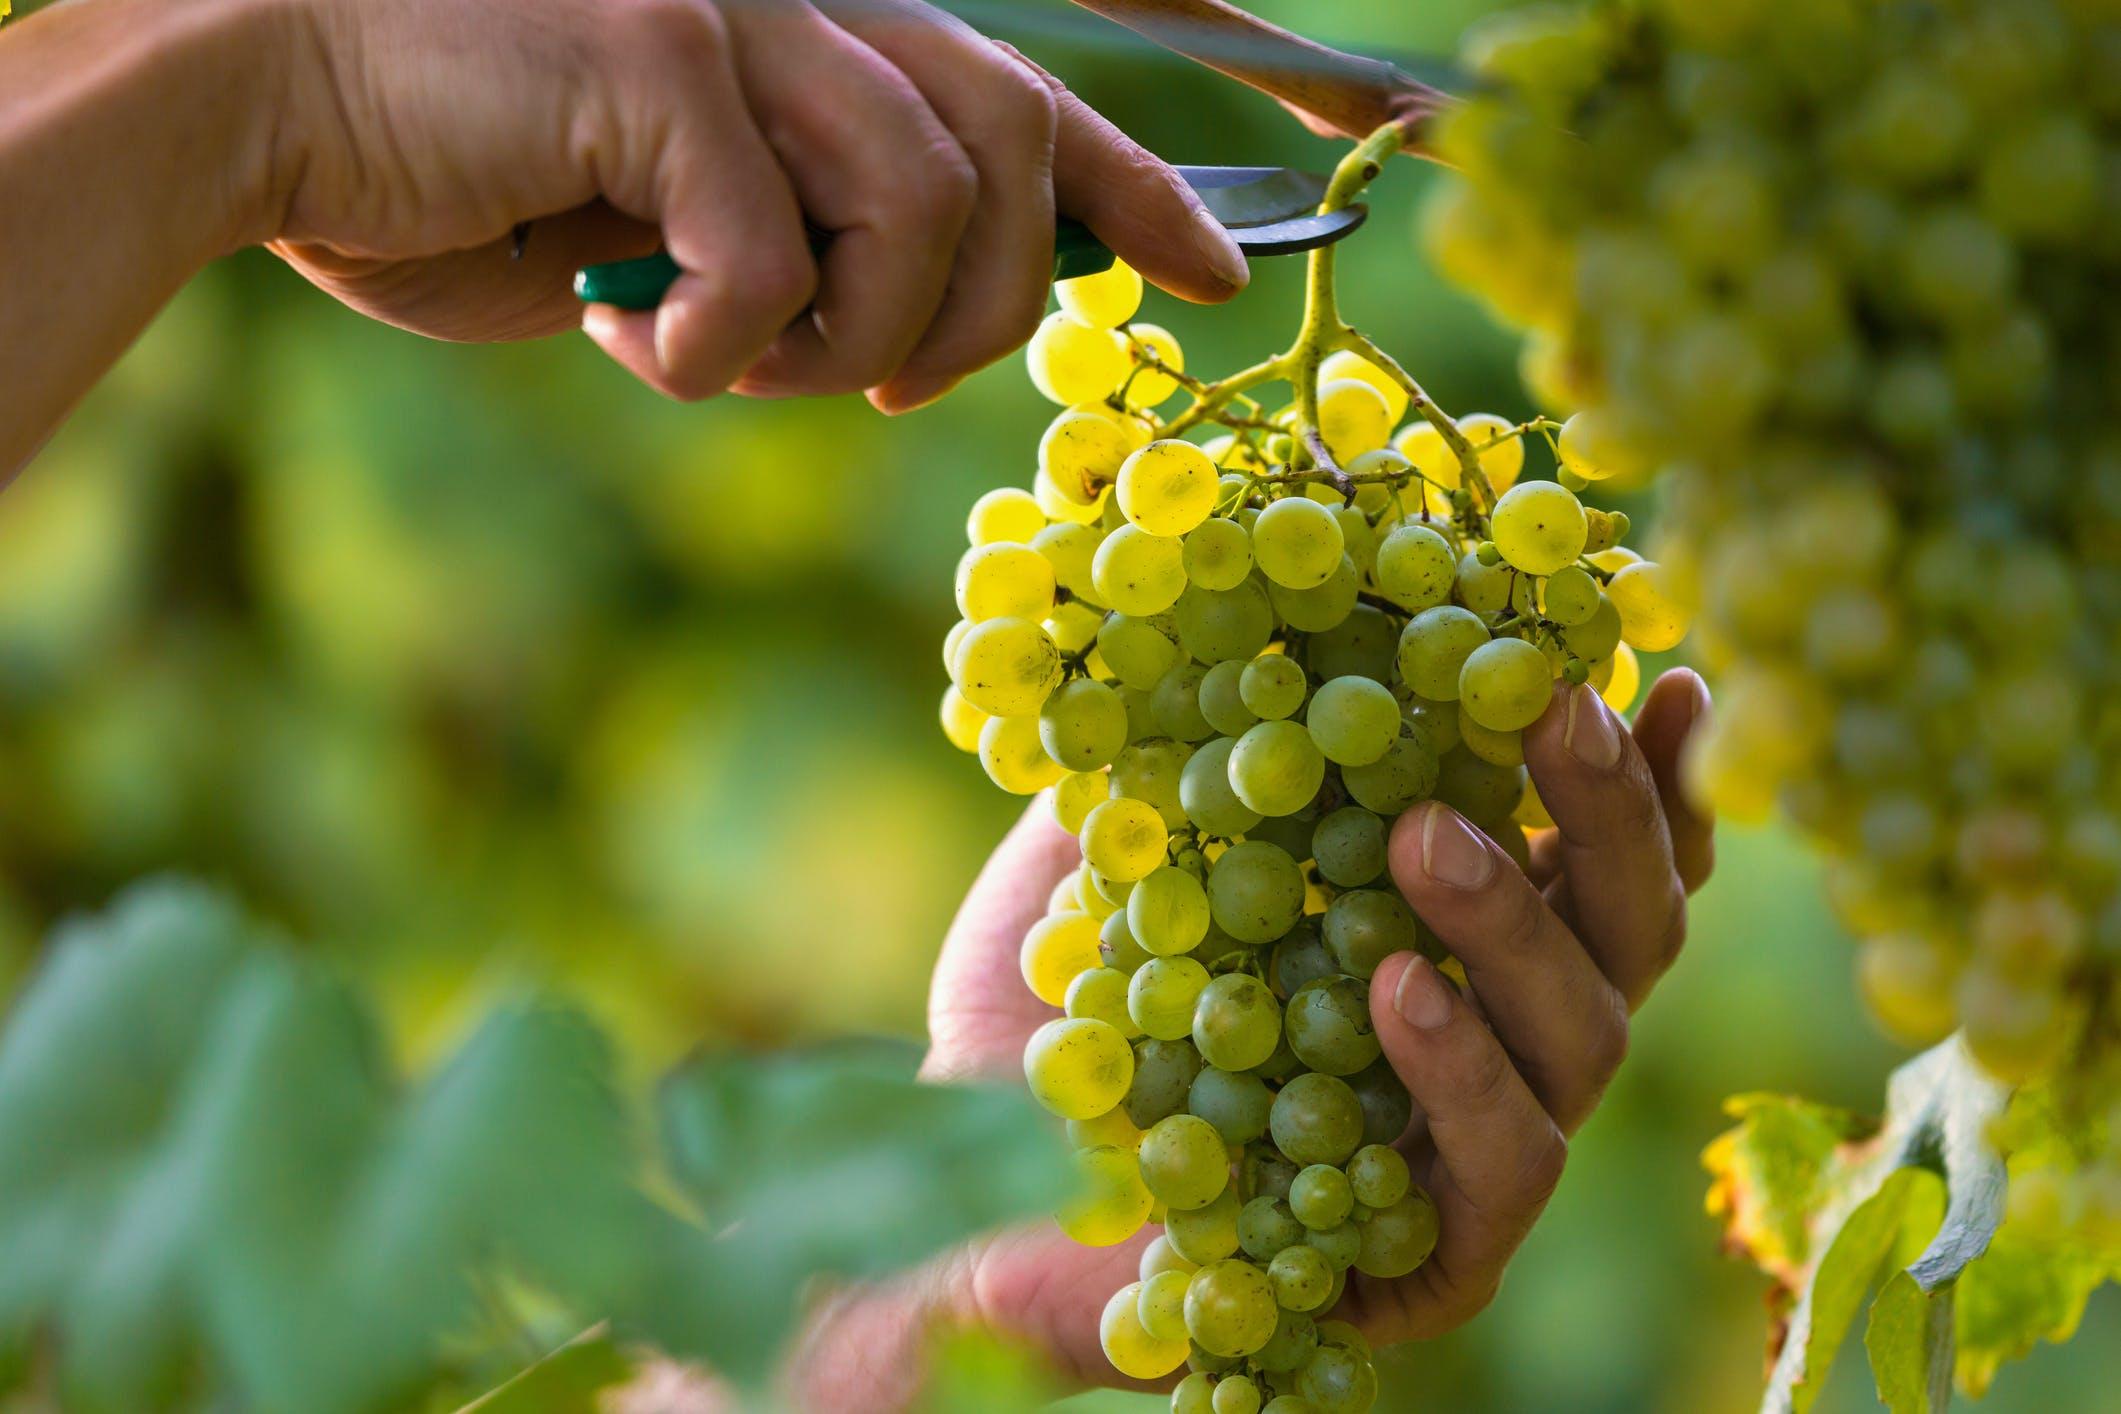 De prosecco-druiven worden zorgvuldig geteeld in deze omgeving